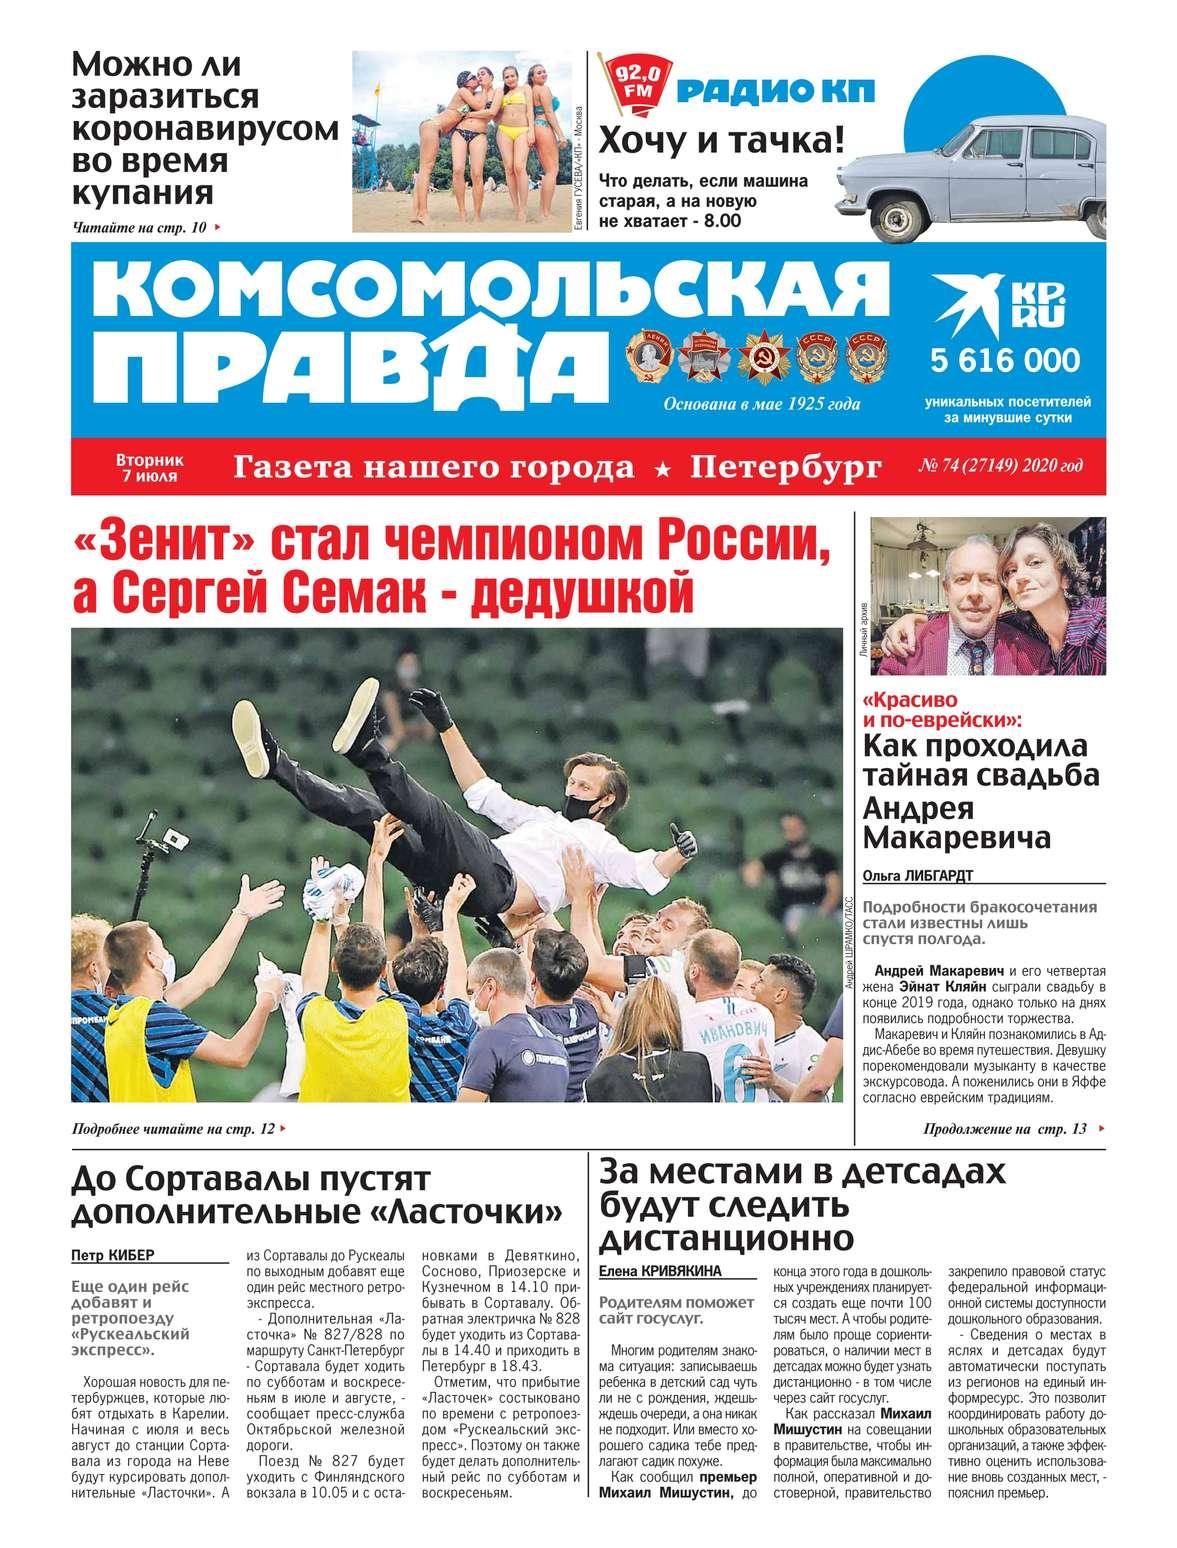 Комсомольская Правда. Санкт-Петербург 74-2020